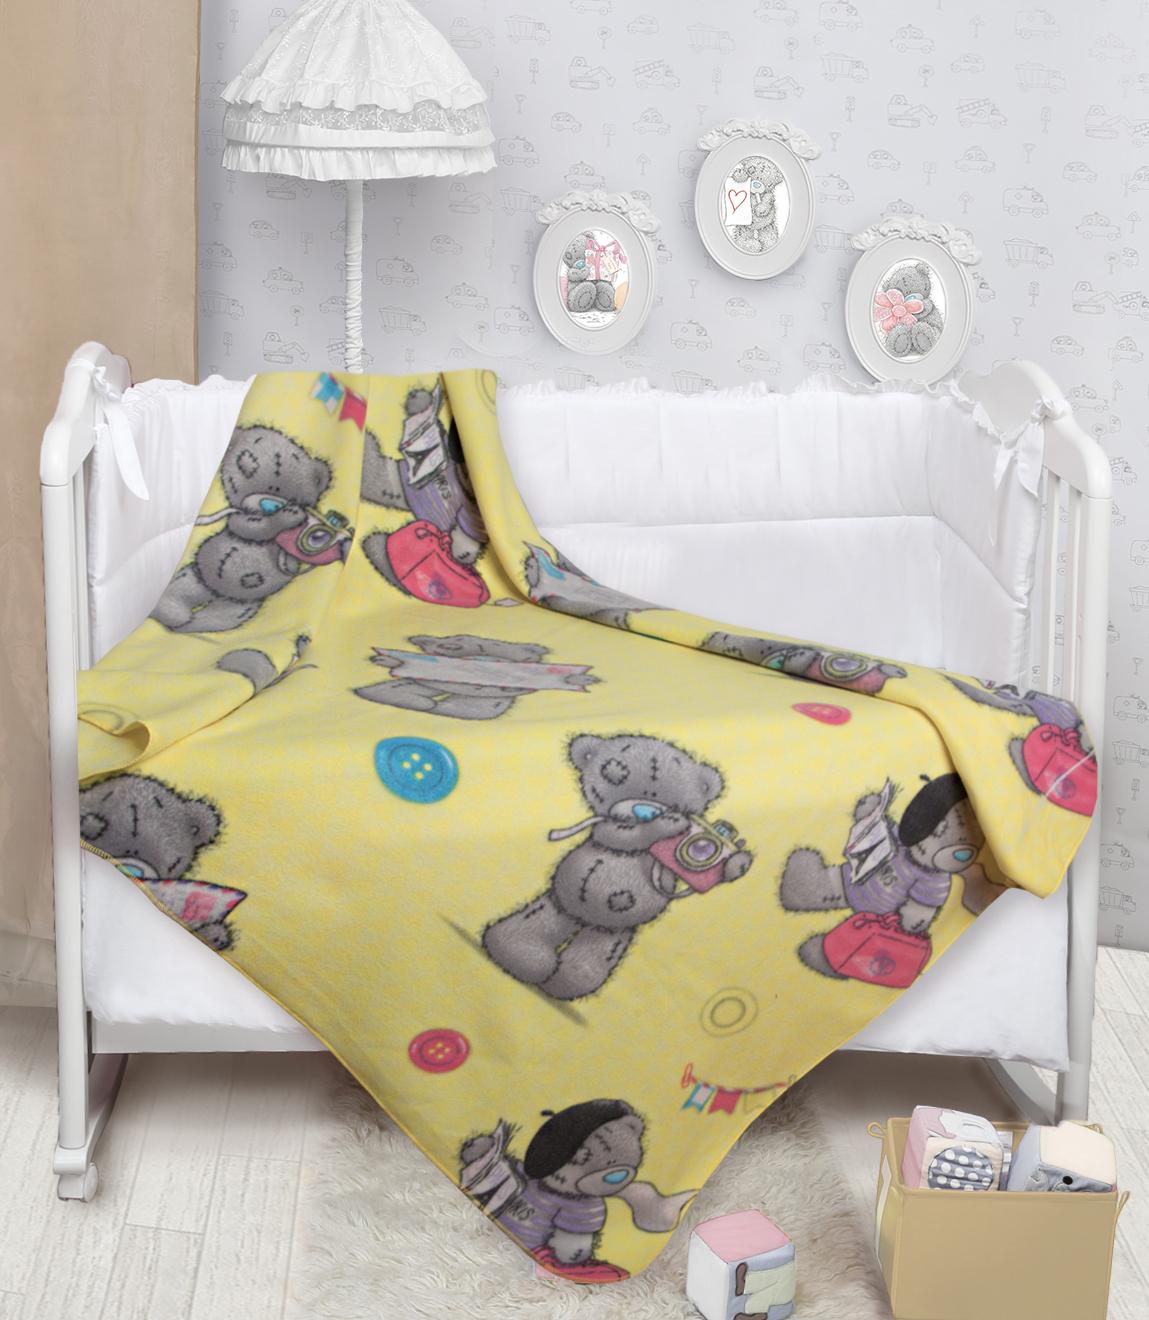 Купить Покрывала, подушки, одеяла для малышей Mona Liza, Детский плед Teddy Путешественник (150х200 см), Россия, Желтый, Серый, Синтетический флис